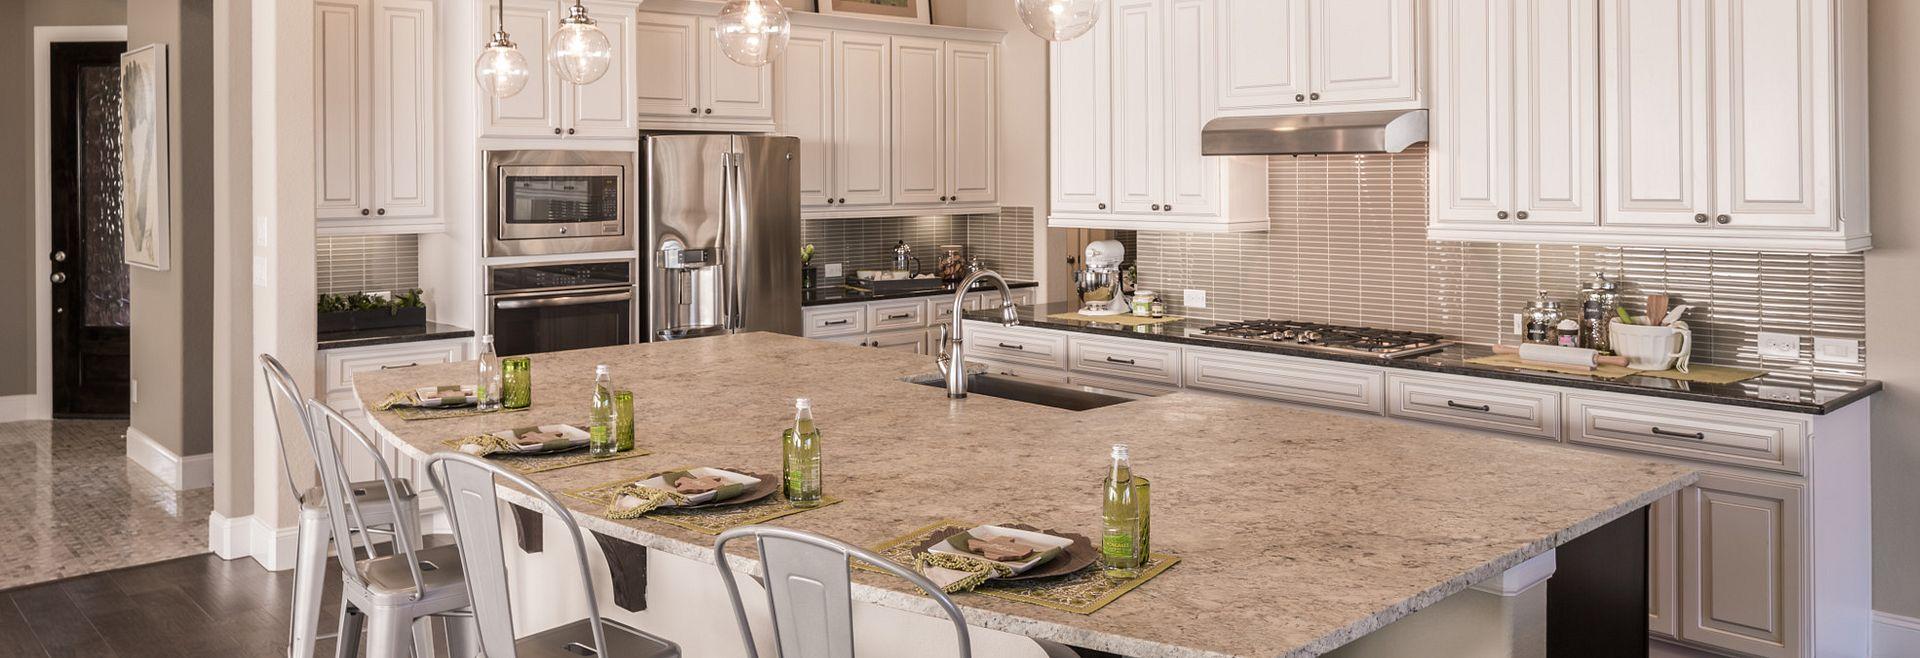 Laurel Glen Plan 5145 Kitchen